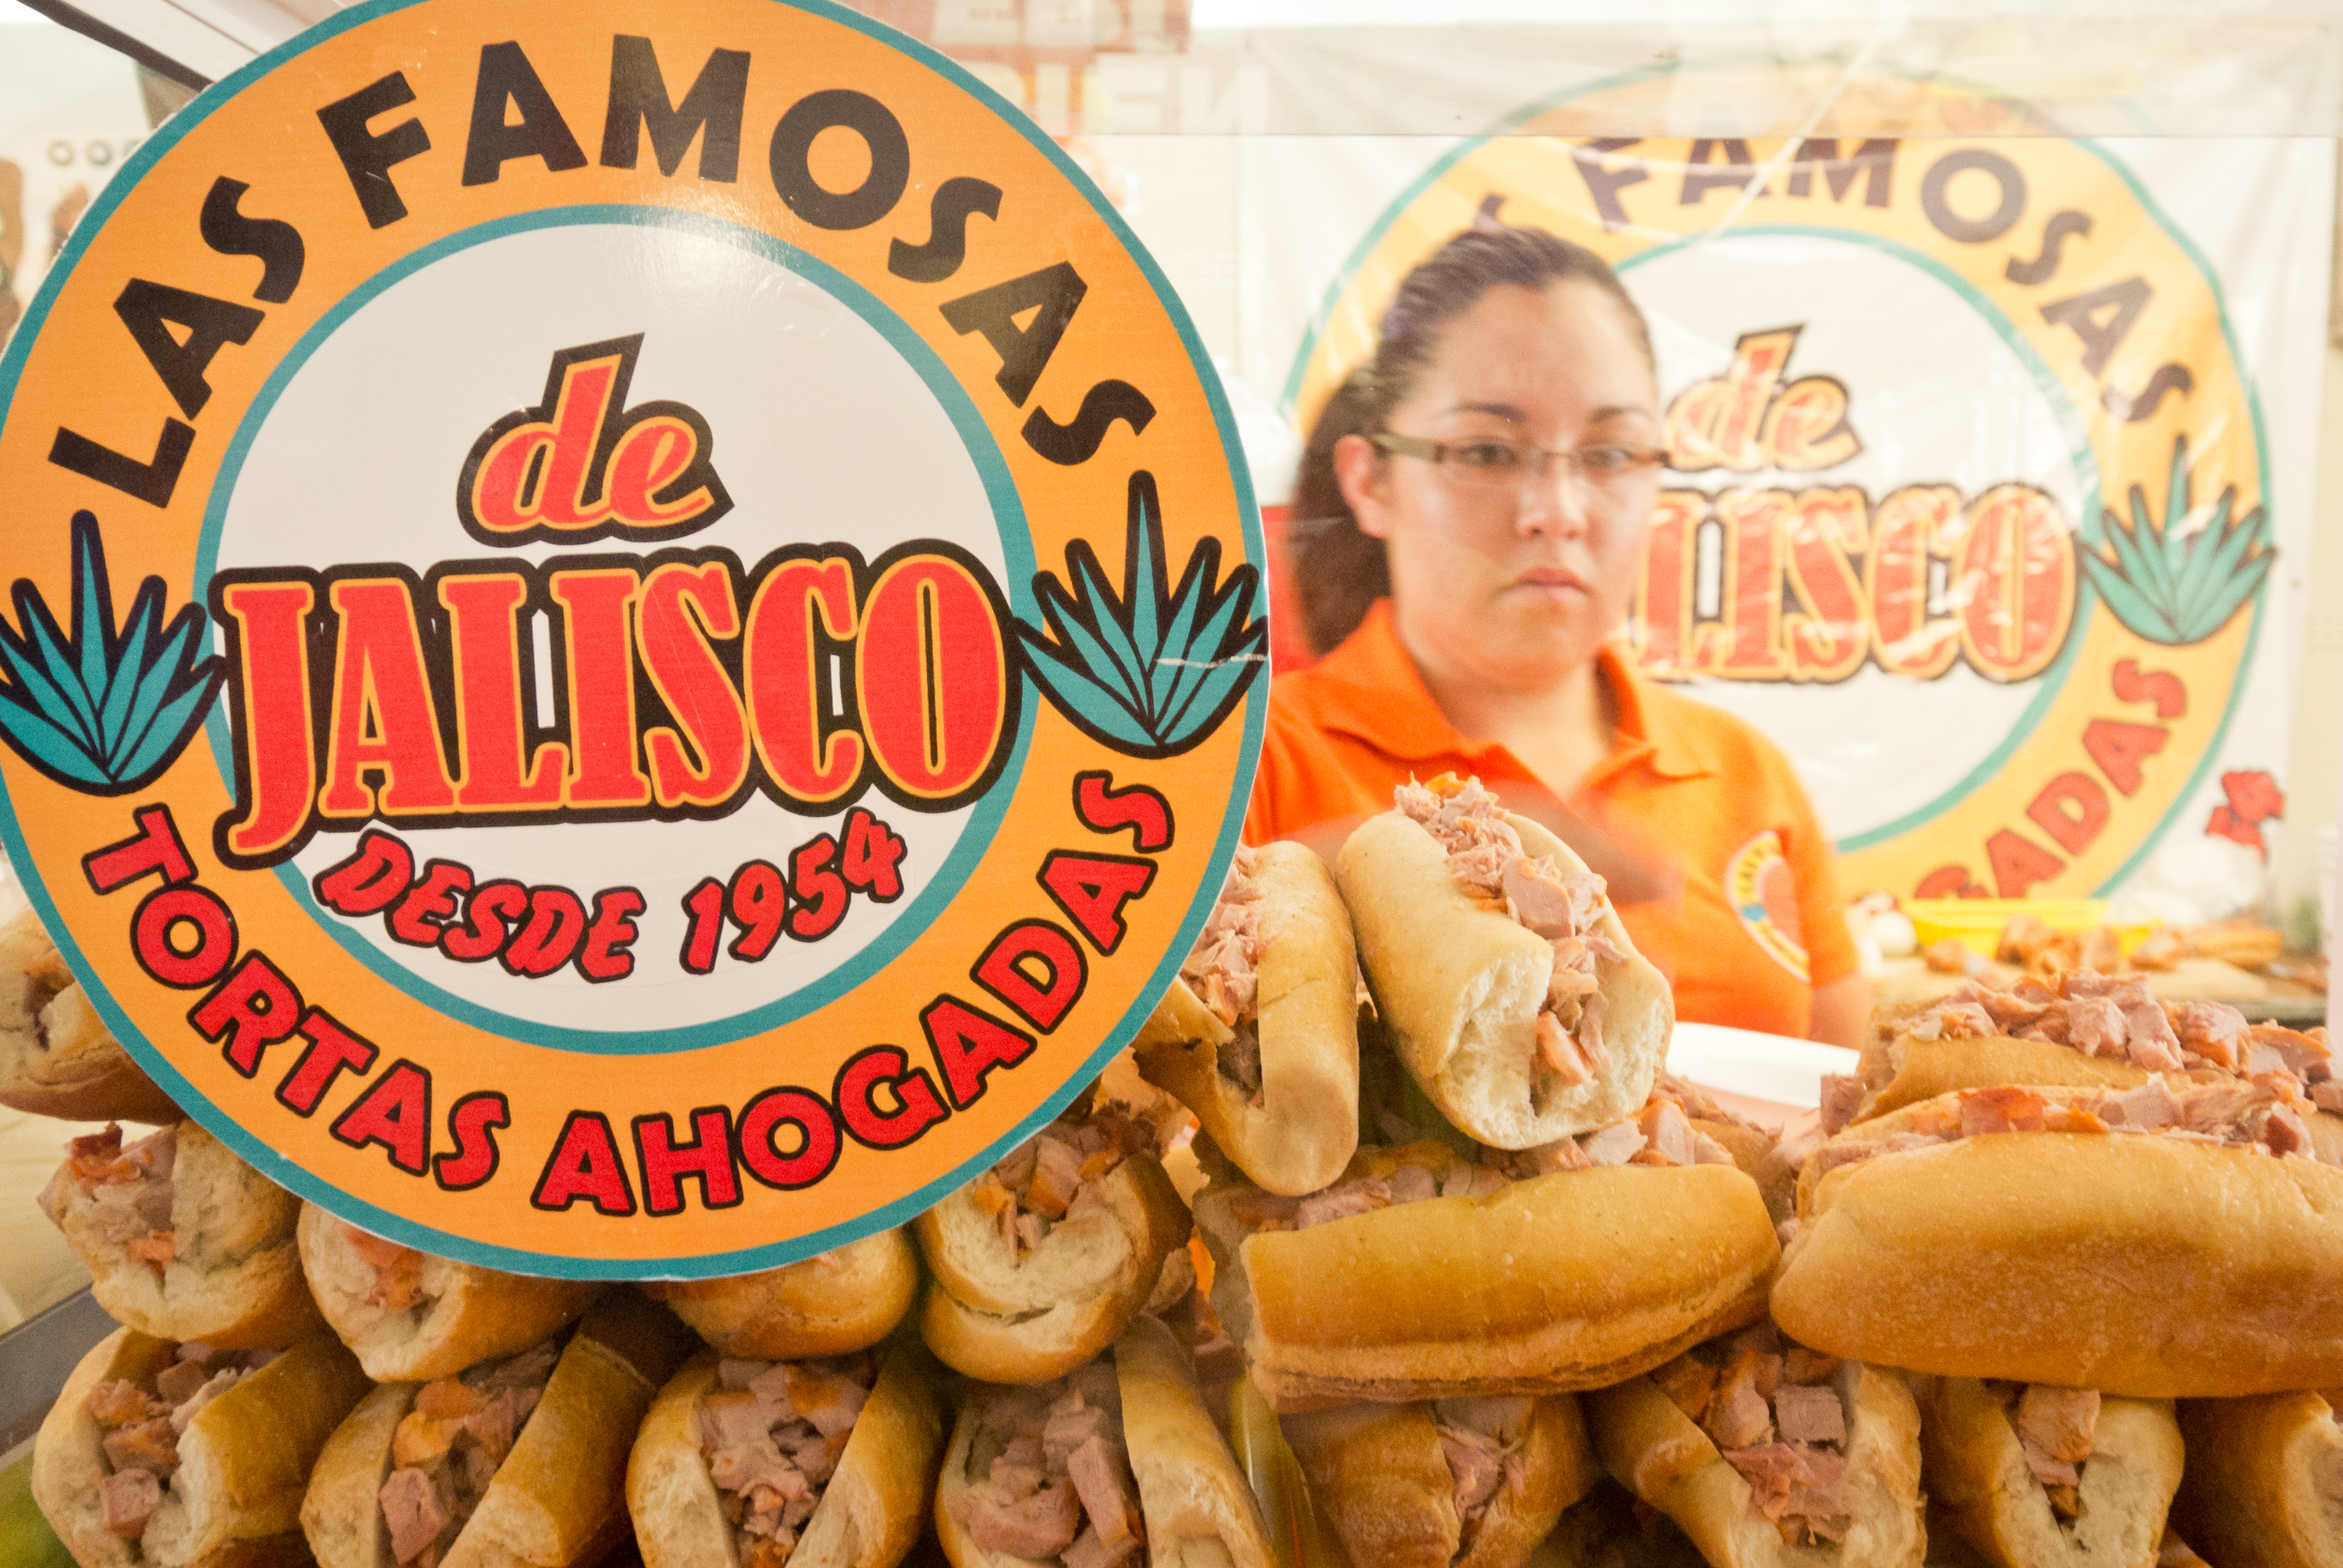 Tortas ahogadas, comida de Jalisco.